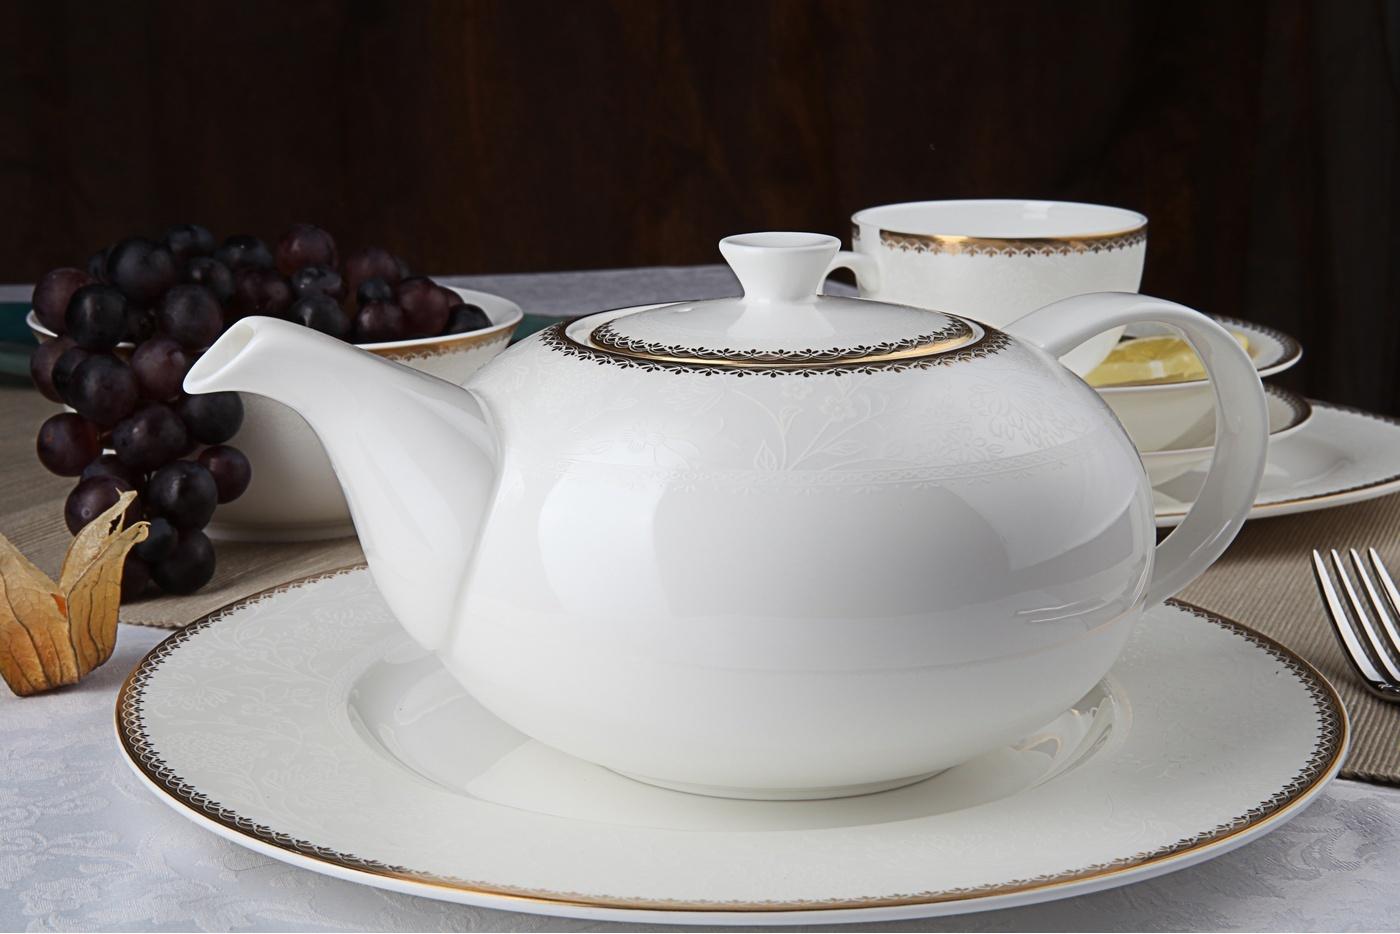 Чайный сервиз Royal Aurel Флора арт.138, 13 предметовЧайные сервизы<br>Чайный сервиз Royal Aurel Флора арт.138, 13 предметов<br><br><br><br><br><br><br><br><br><br><br>Чашка 300 мл,6 шт.<br>Блюдце 15 см,6 шт.<br>Чайник 1300 мл<br><br><br><br><br><br><br>Производить посуду из фарфора начали в Китае на стыке 6-7 веков. Неустанно совершенствуя и селективно отбирая сырье для производства посуды из фарфора, мастерам удалось добиться выдающихся характеристик фарфора: белизны и тонкостенности. В XV веке появился особый интерес к китайской фарфоровой посуде, так как в это время Европе возникла мода на самобытные китайские вещи. Роскошный китайский фарфор являлся изыском и был в новинку, поэтому он выступал в качестве подарка королям, а также знатным людям. Такой дорогой подарок был очень престижен и по праву являлся элитной посудой. Как известно из многочисленных исторических документов, в Европе китайские изделия из фарфора ценились практически как золото. <br>Проверка изделий из костяного фарфора на подлинность <br>По сравнению с производством других видов фарфора процесс производства изделий из настоящего костяного фарфора сложен и весьма длителен. Посуда из изящного фарфора - это элитная посуда, которая всегда ассоциируется с богатством, величием и благородством. Несмотря на небольшую толщину, фарфоровая посуда - это очень прочное изделие. Для демонстрации плотности и прочности фарфора можно легко коснуться предметов посуды из фарфора деревянной палочкой, и тогда мы услушим характерный металлический звон. В составе фарфоровой посуды присутствует костяная зола, благодаря чему она может быть намного тоньше (не более 2,5 мм) и легче твердого или мягкого фарфора. Безупречная белизна - ключевой признак отличия такого фарфора от других. Цвет обычного фарфора сероватый или ближе к голубоватому, а костяной фарфор будет всегда будет молочно-белого цвета. Характерная и немаловажная деталь - это невесомая прозрачность изделий из фарфора такая, что сквозь него проходит свет.<br>